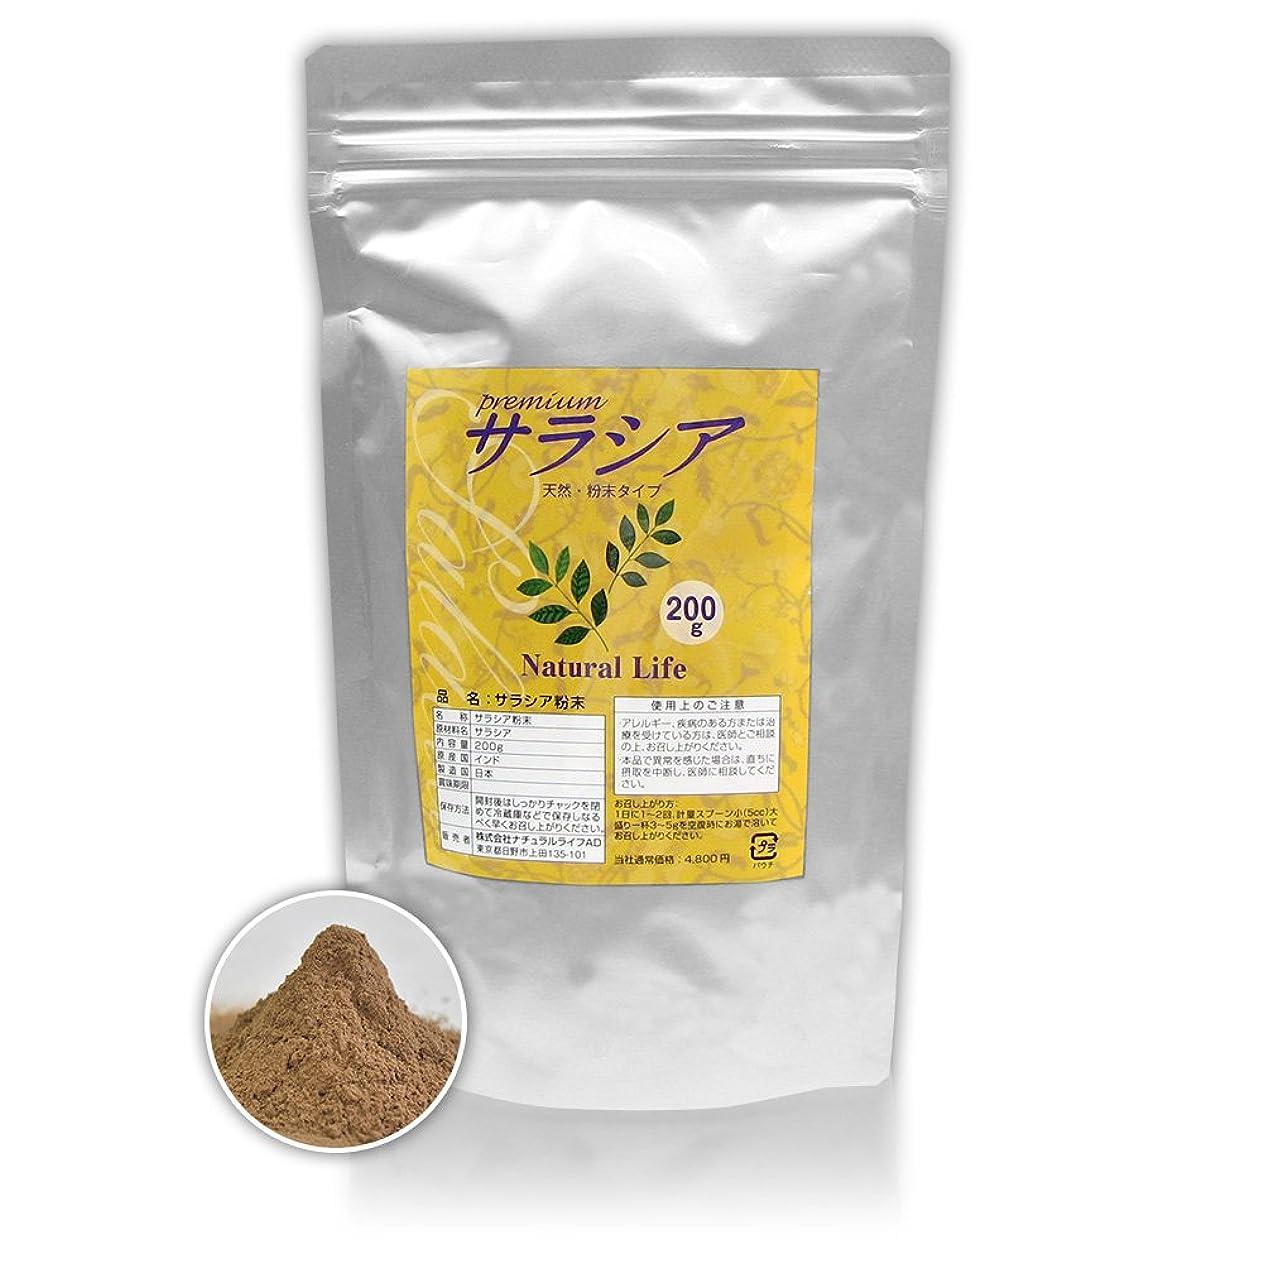 習字メロントレイサラシア粉末[200g]天然ピュア原料(無添加)健康食品(さらしあ,レティキュラータ)